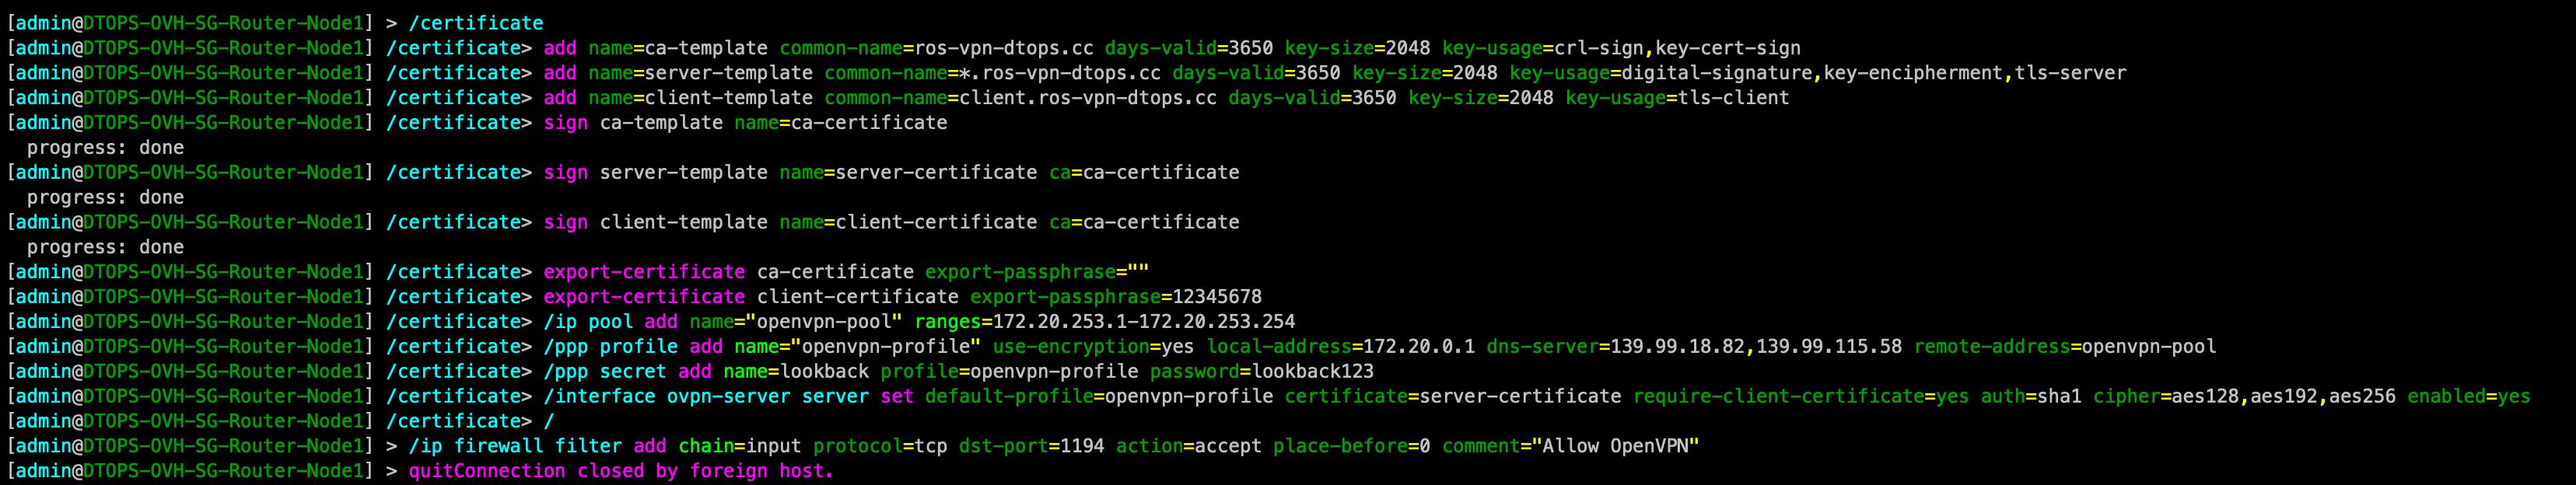 基于Mikrotik的RouterOS路由搭建OpenVPN服务